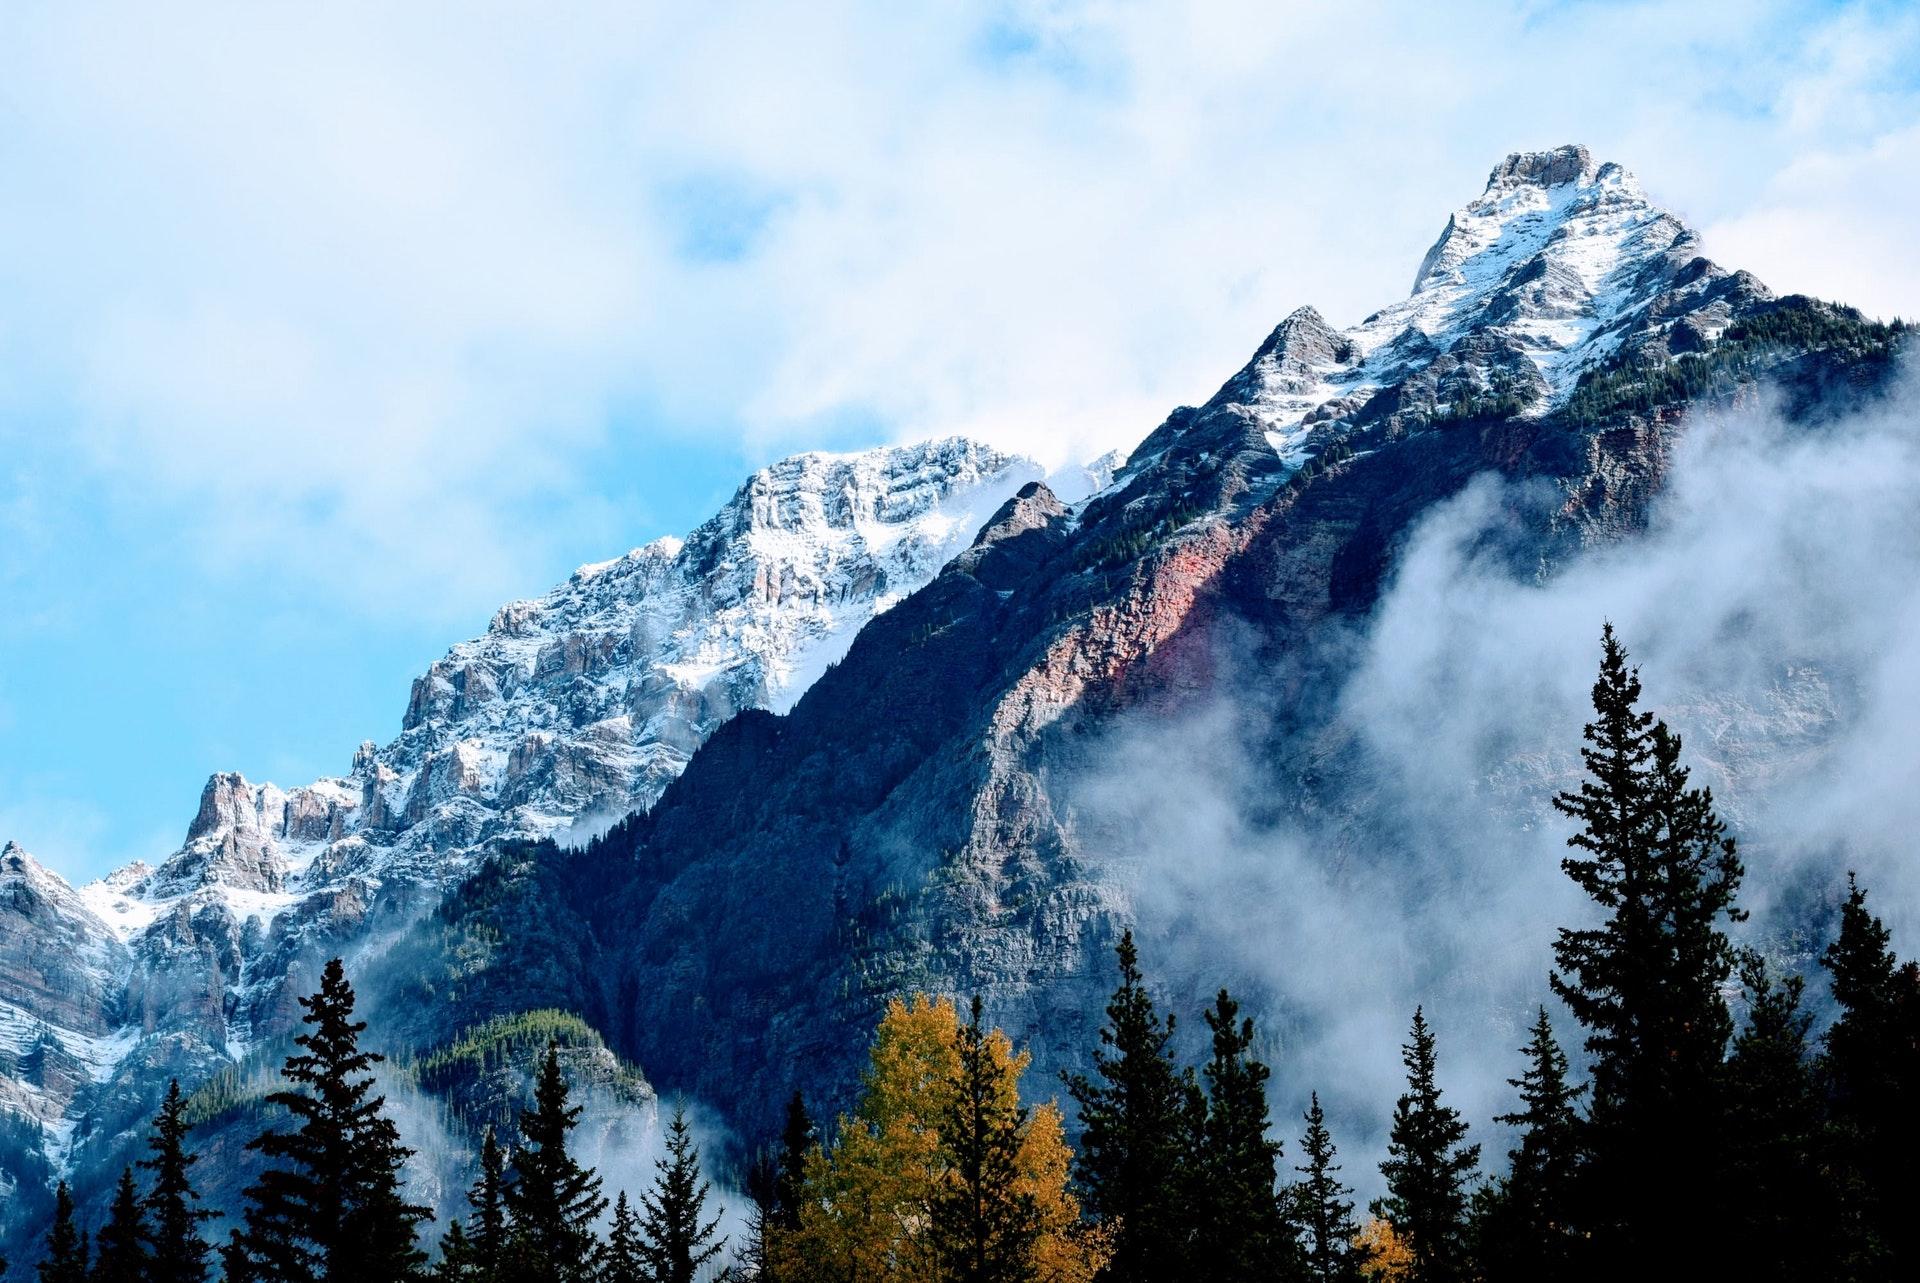 Hình nền thiên nhiên núi rừng hùng vĩ